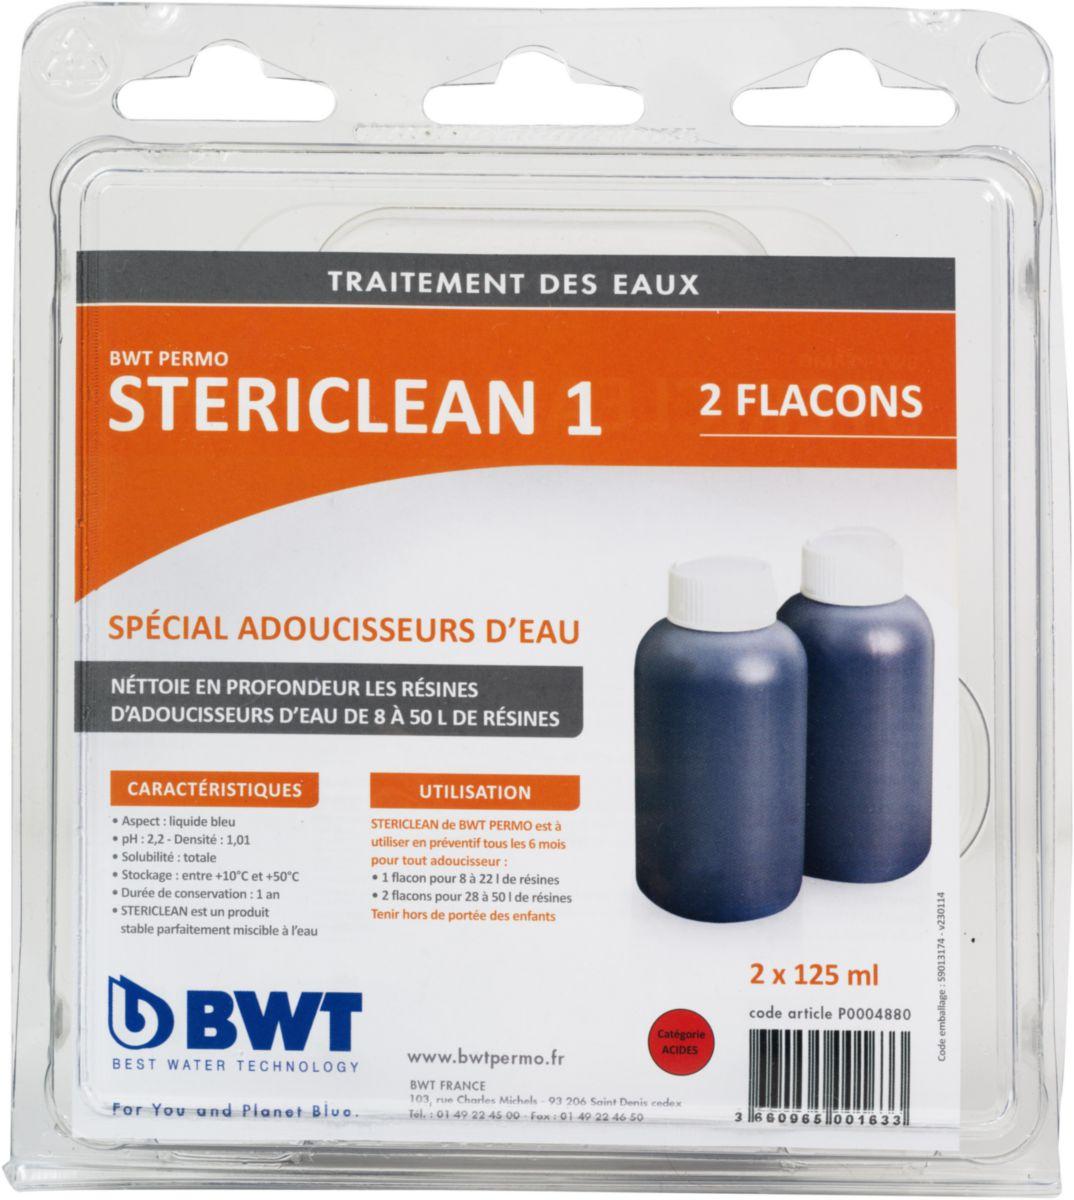 Nettoyeur de résines adoucisseur STERICLEAN 1 2x150 ml réf. P0004880